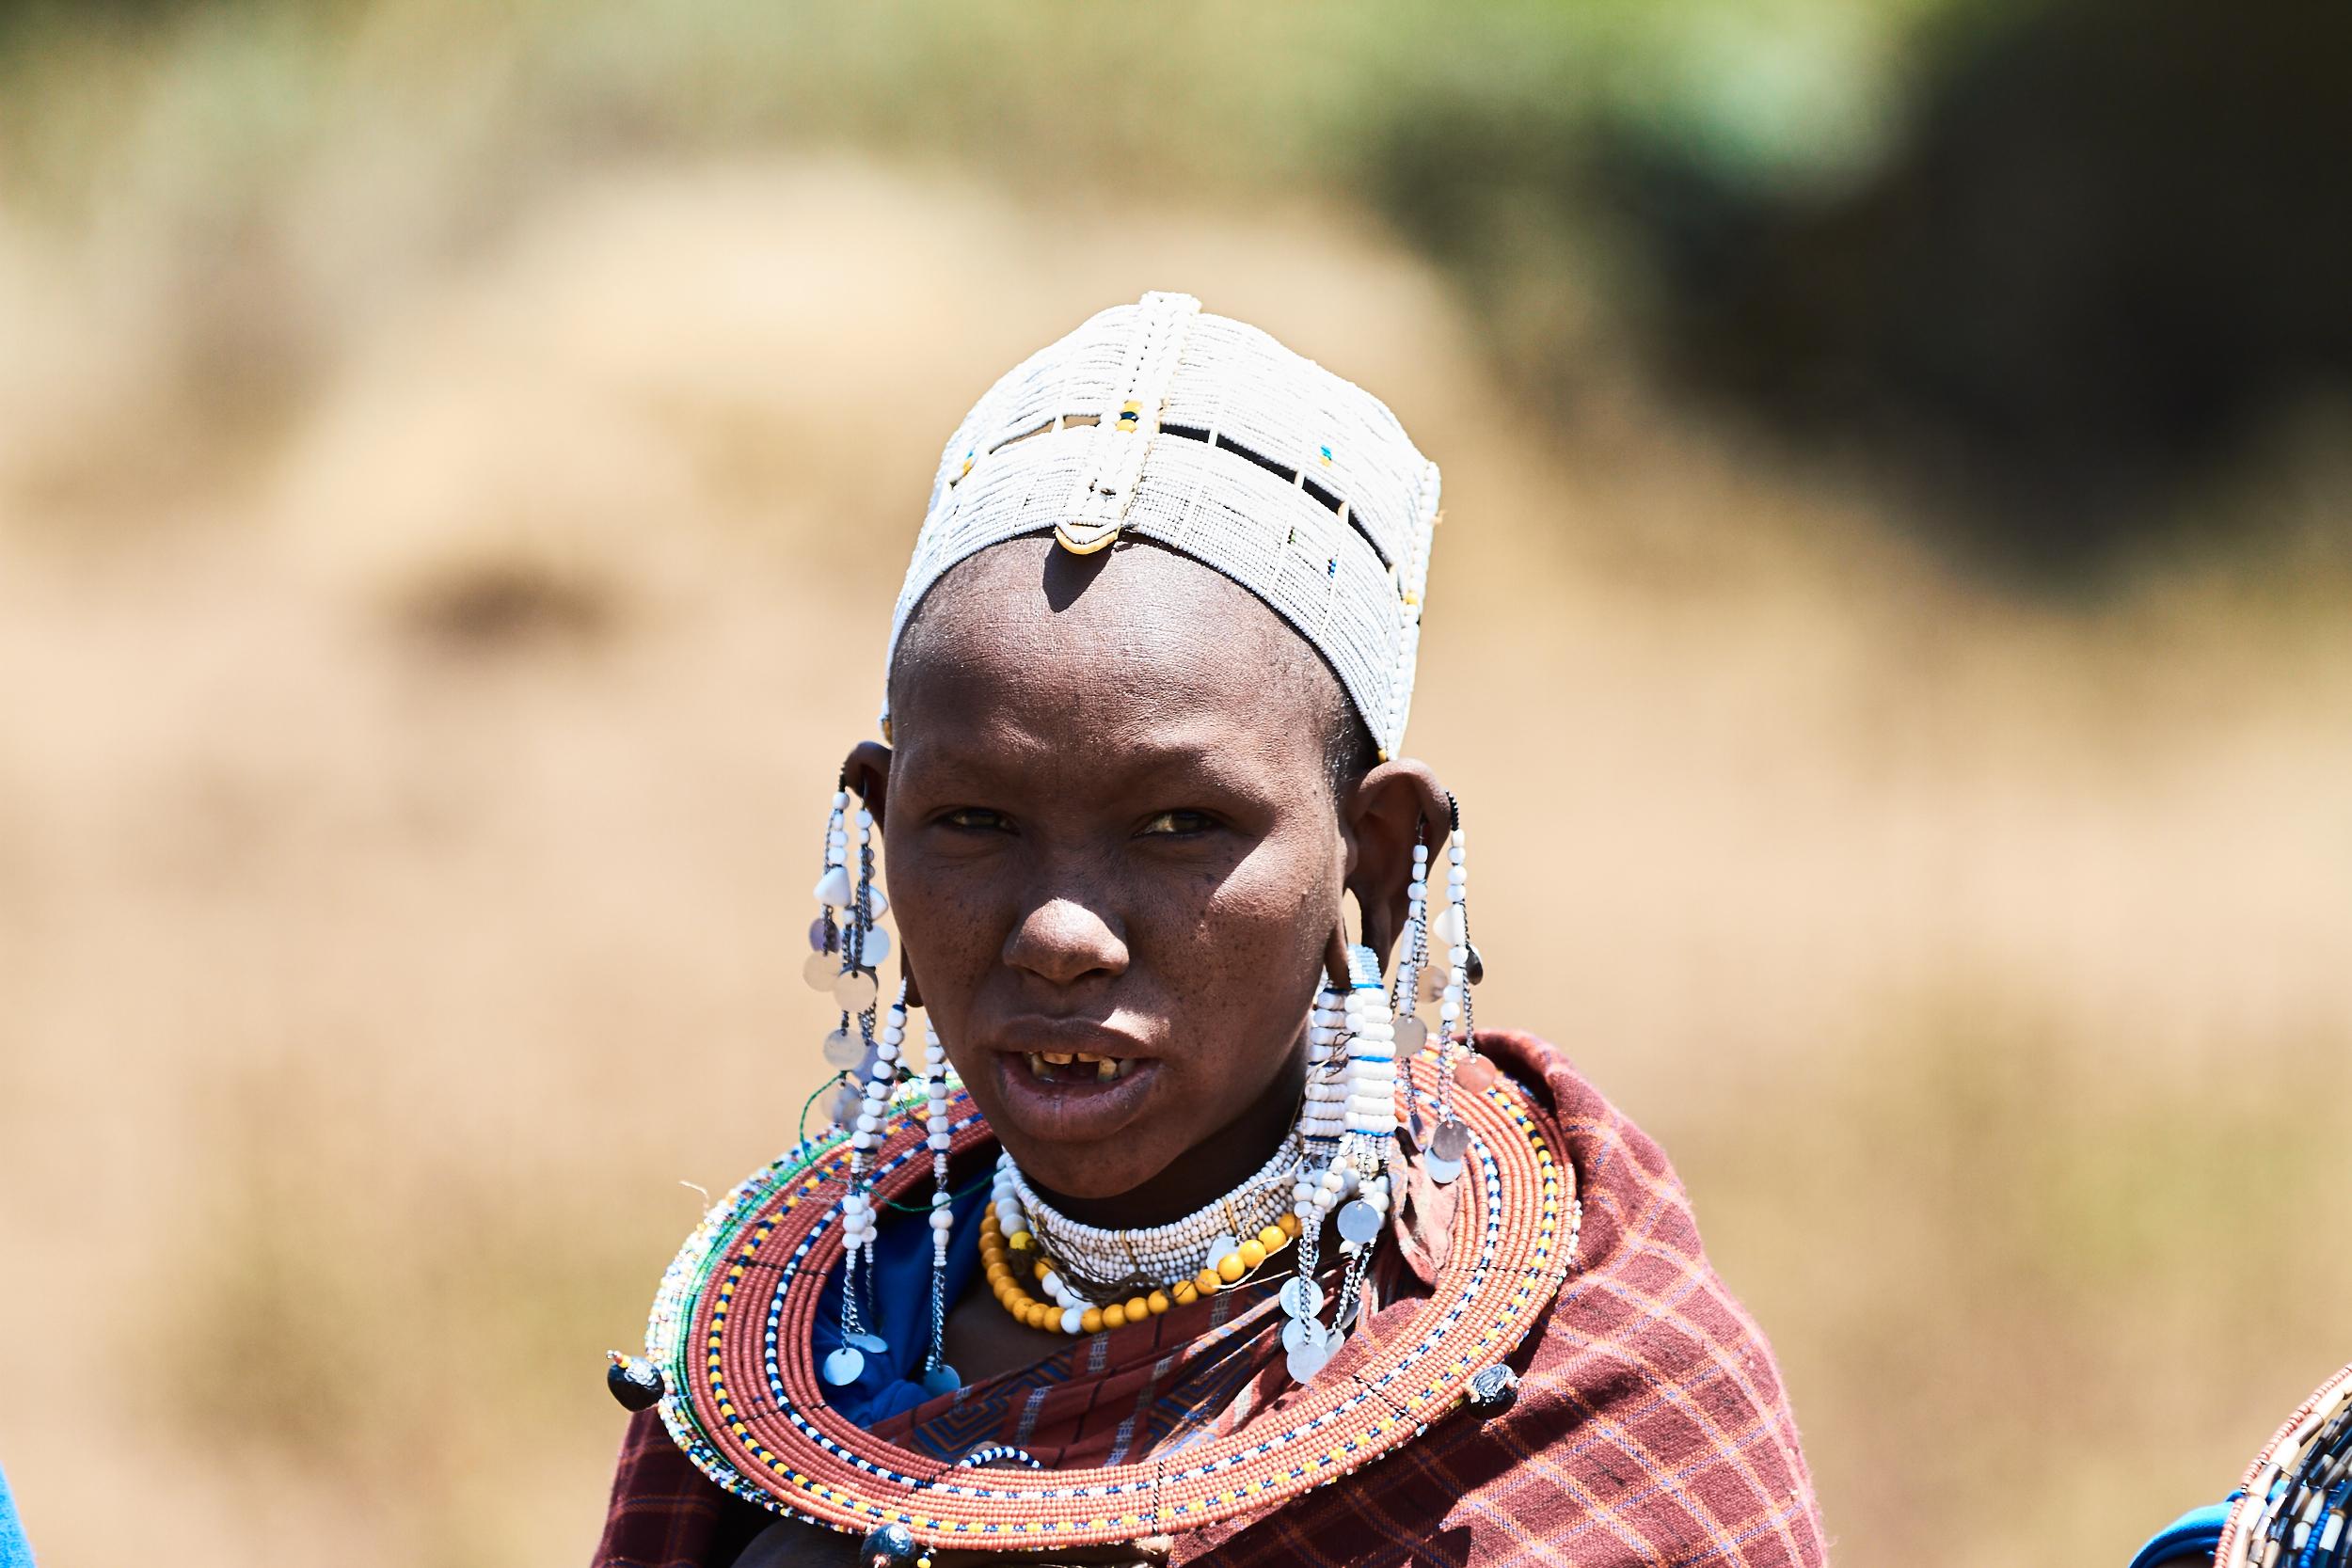 JLP_africa_0040.jpg